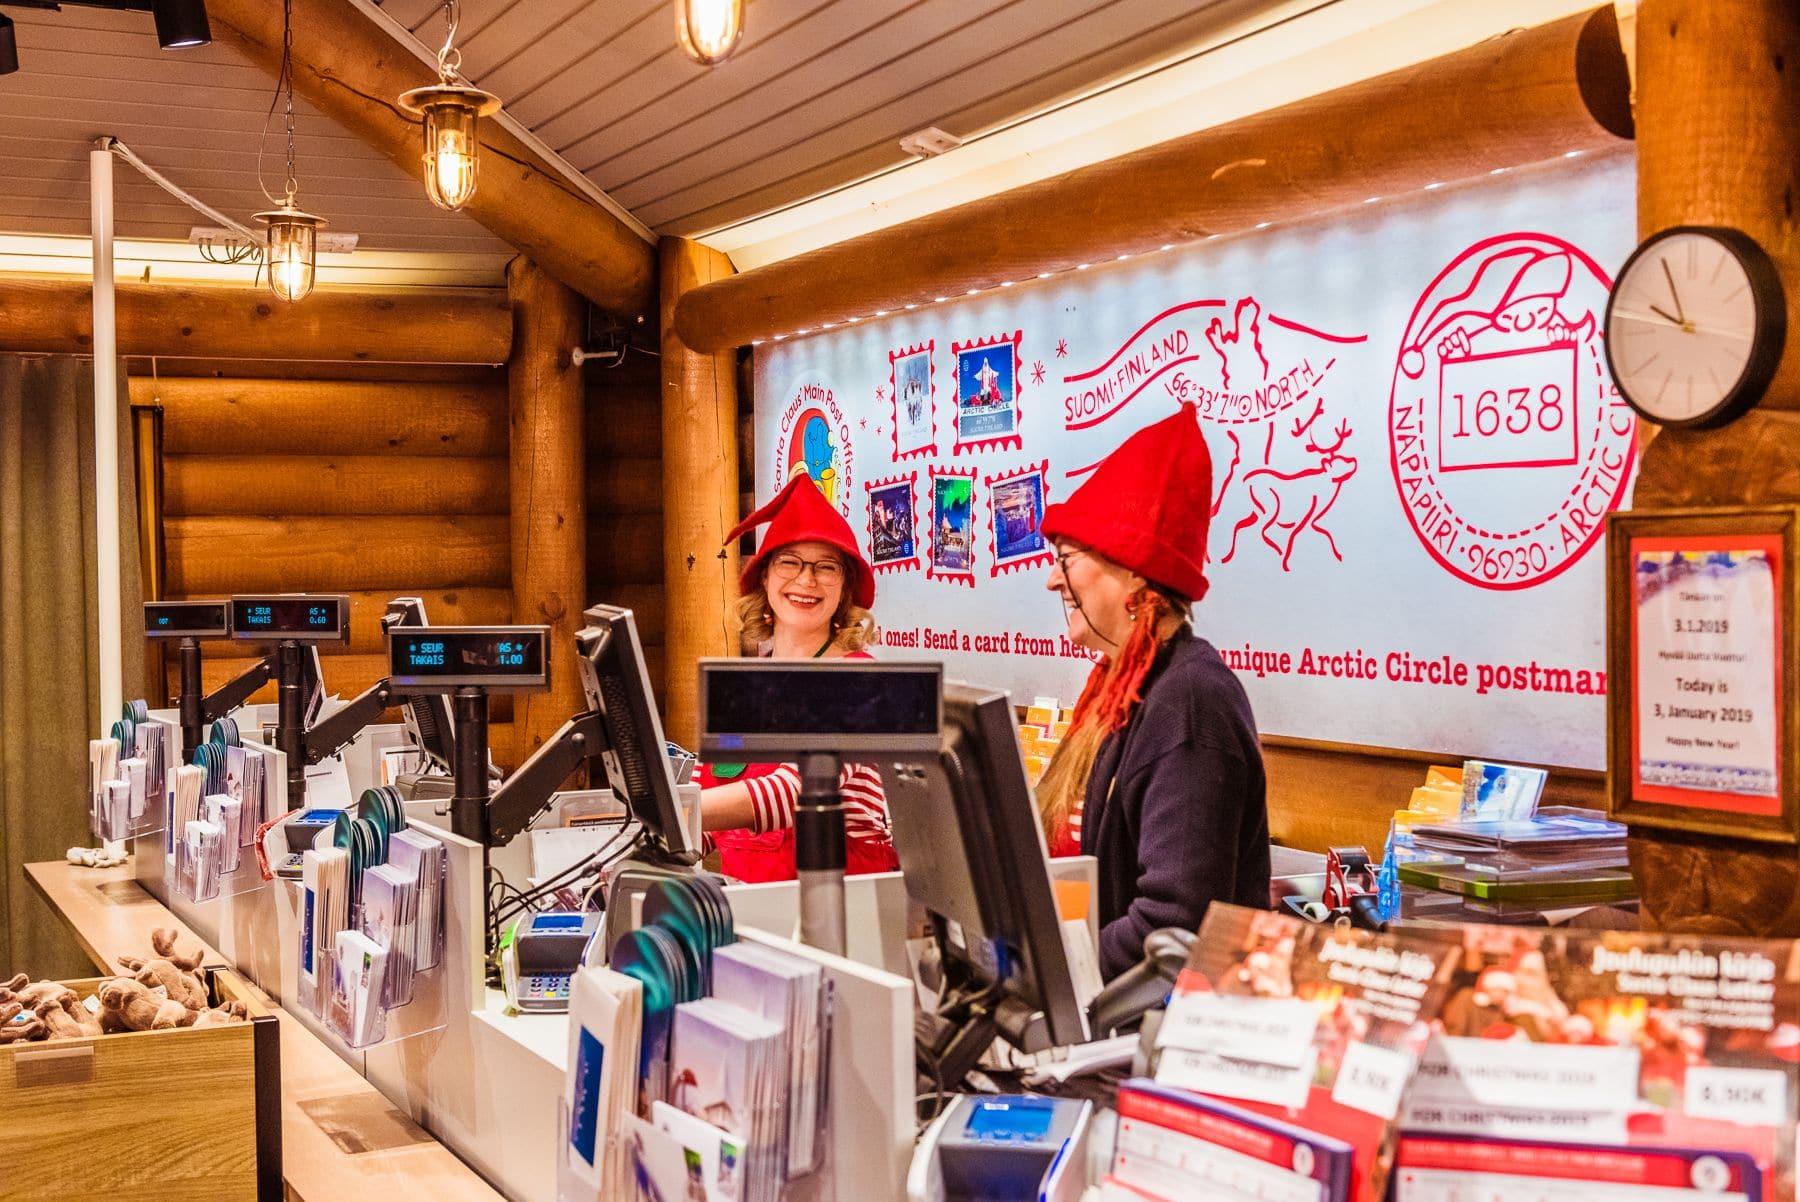 Laponia Psi zaprzeg wioska swietego mikolaja wyjazd do laponii rovaniemi_001855